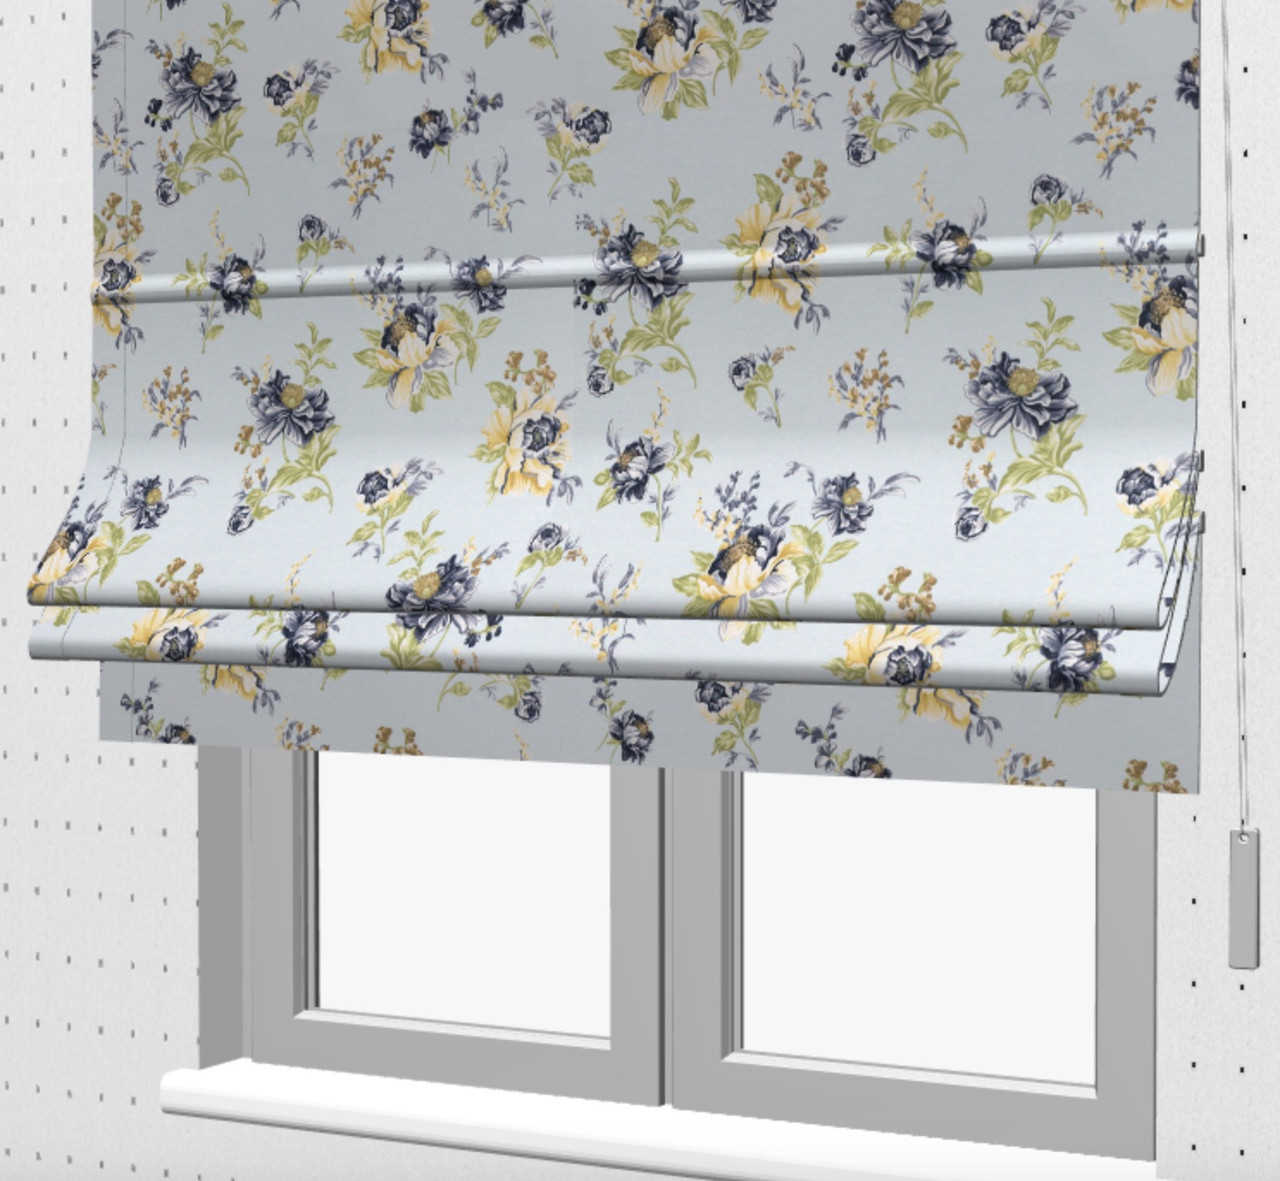 Римская штора на кухню 130439v4